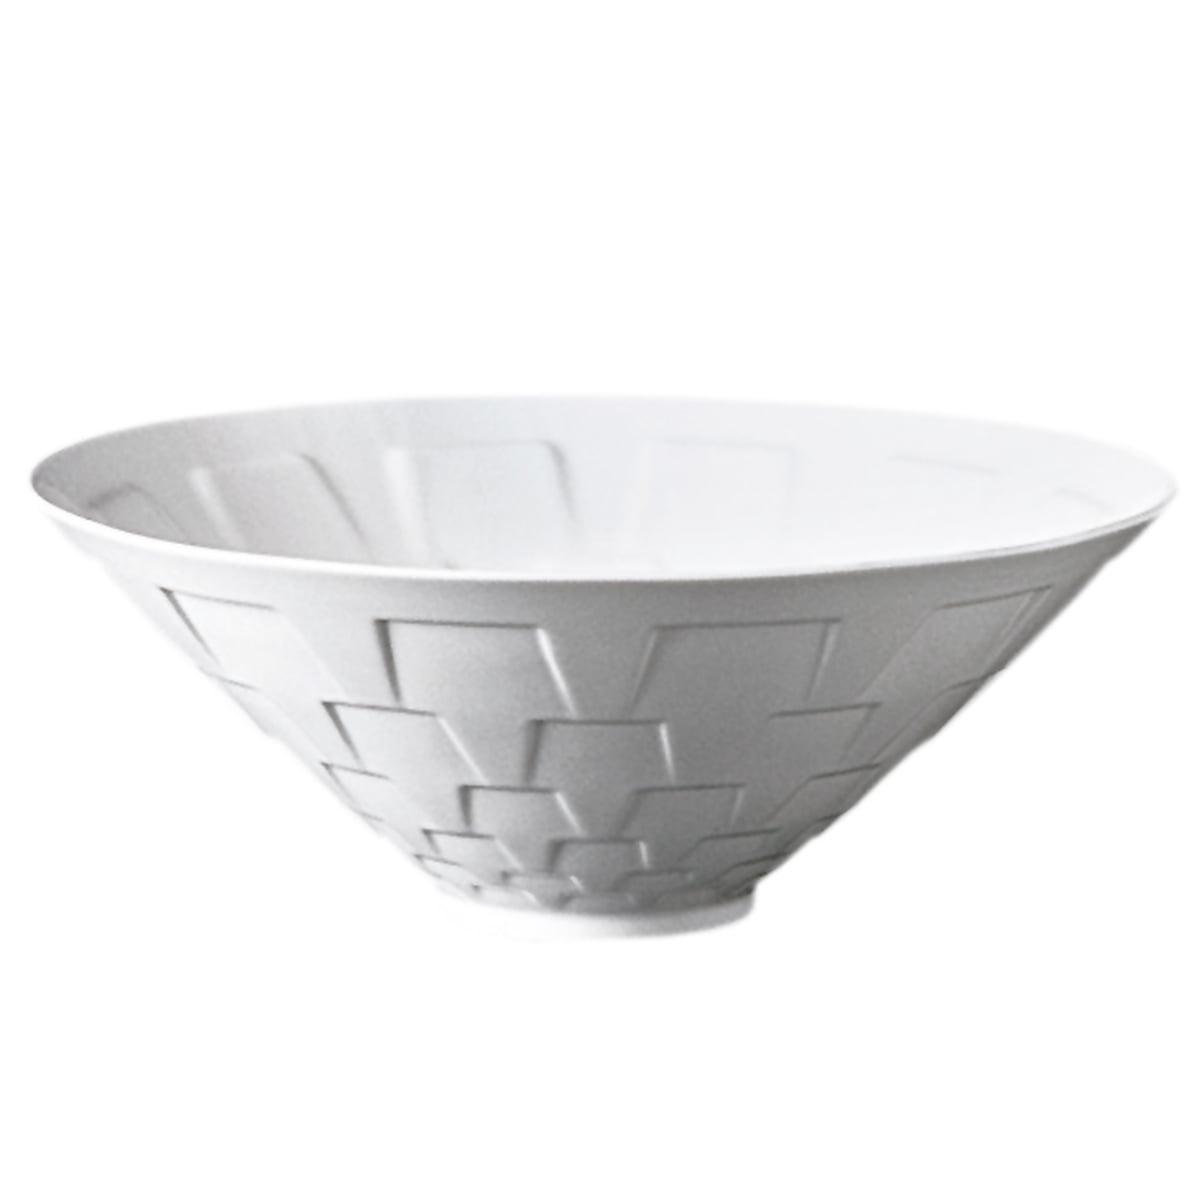 Wagenfeld - Schale Ø 26 cm, weiß